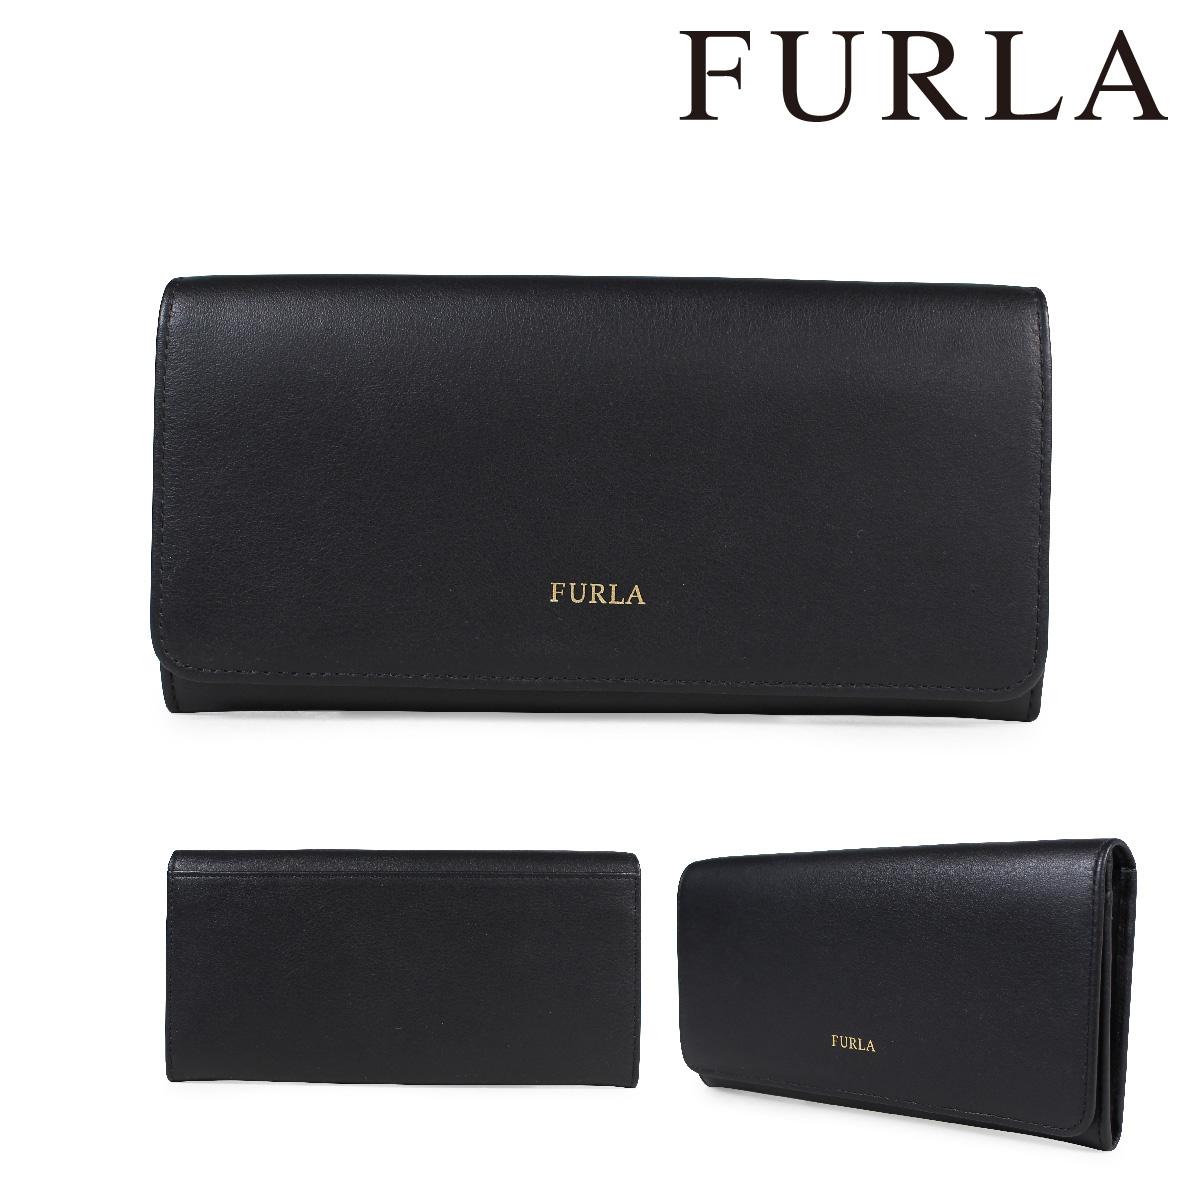 フルラ FURLA 財布 長財布 レディース レザー ブラック WALLET 860843